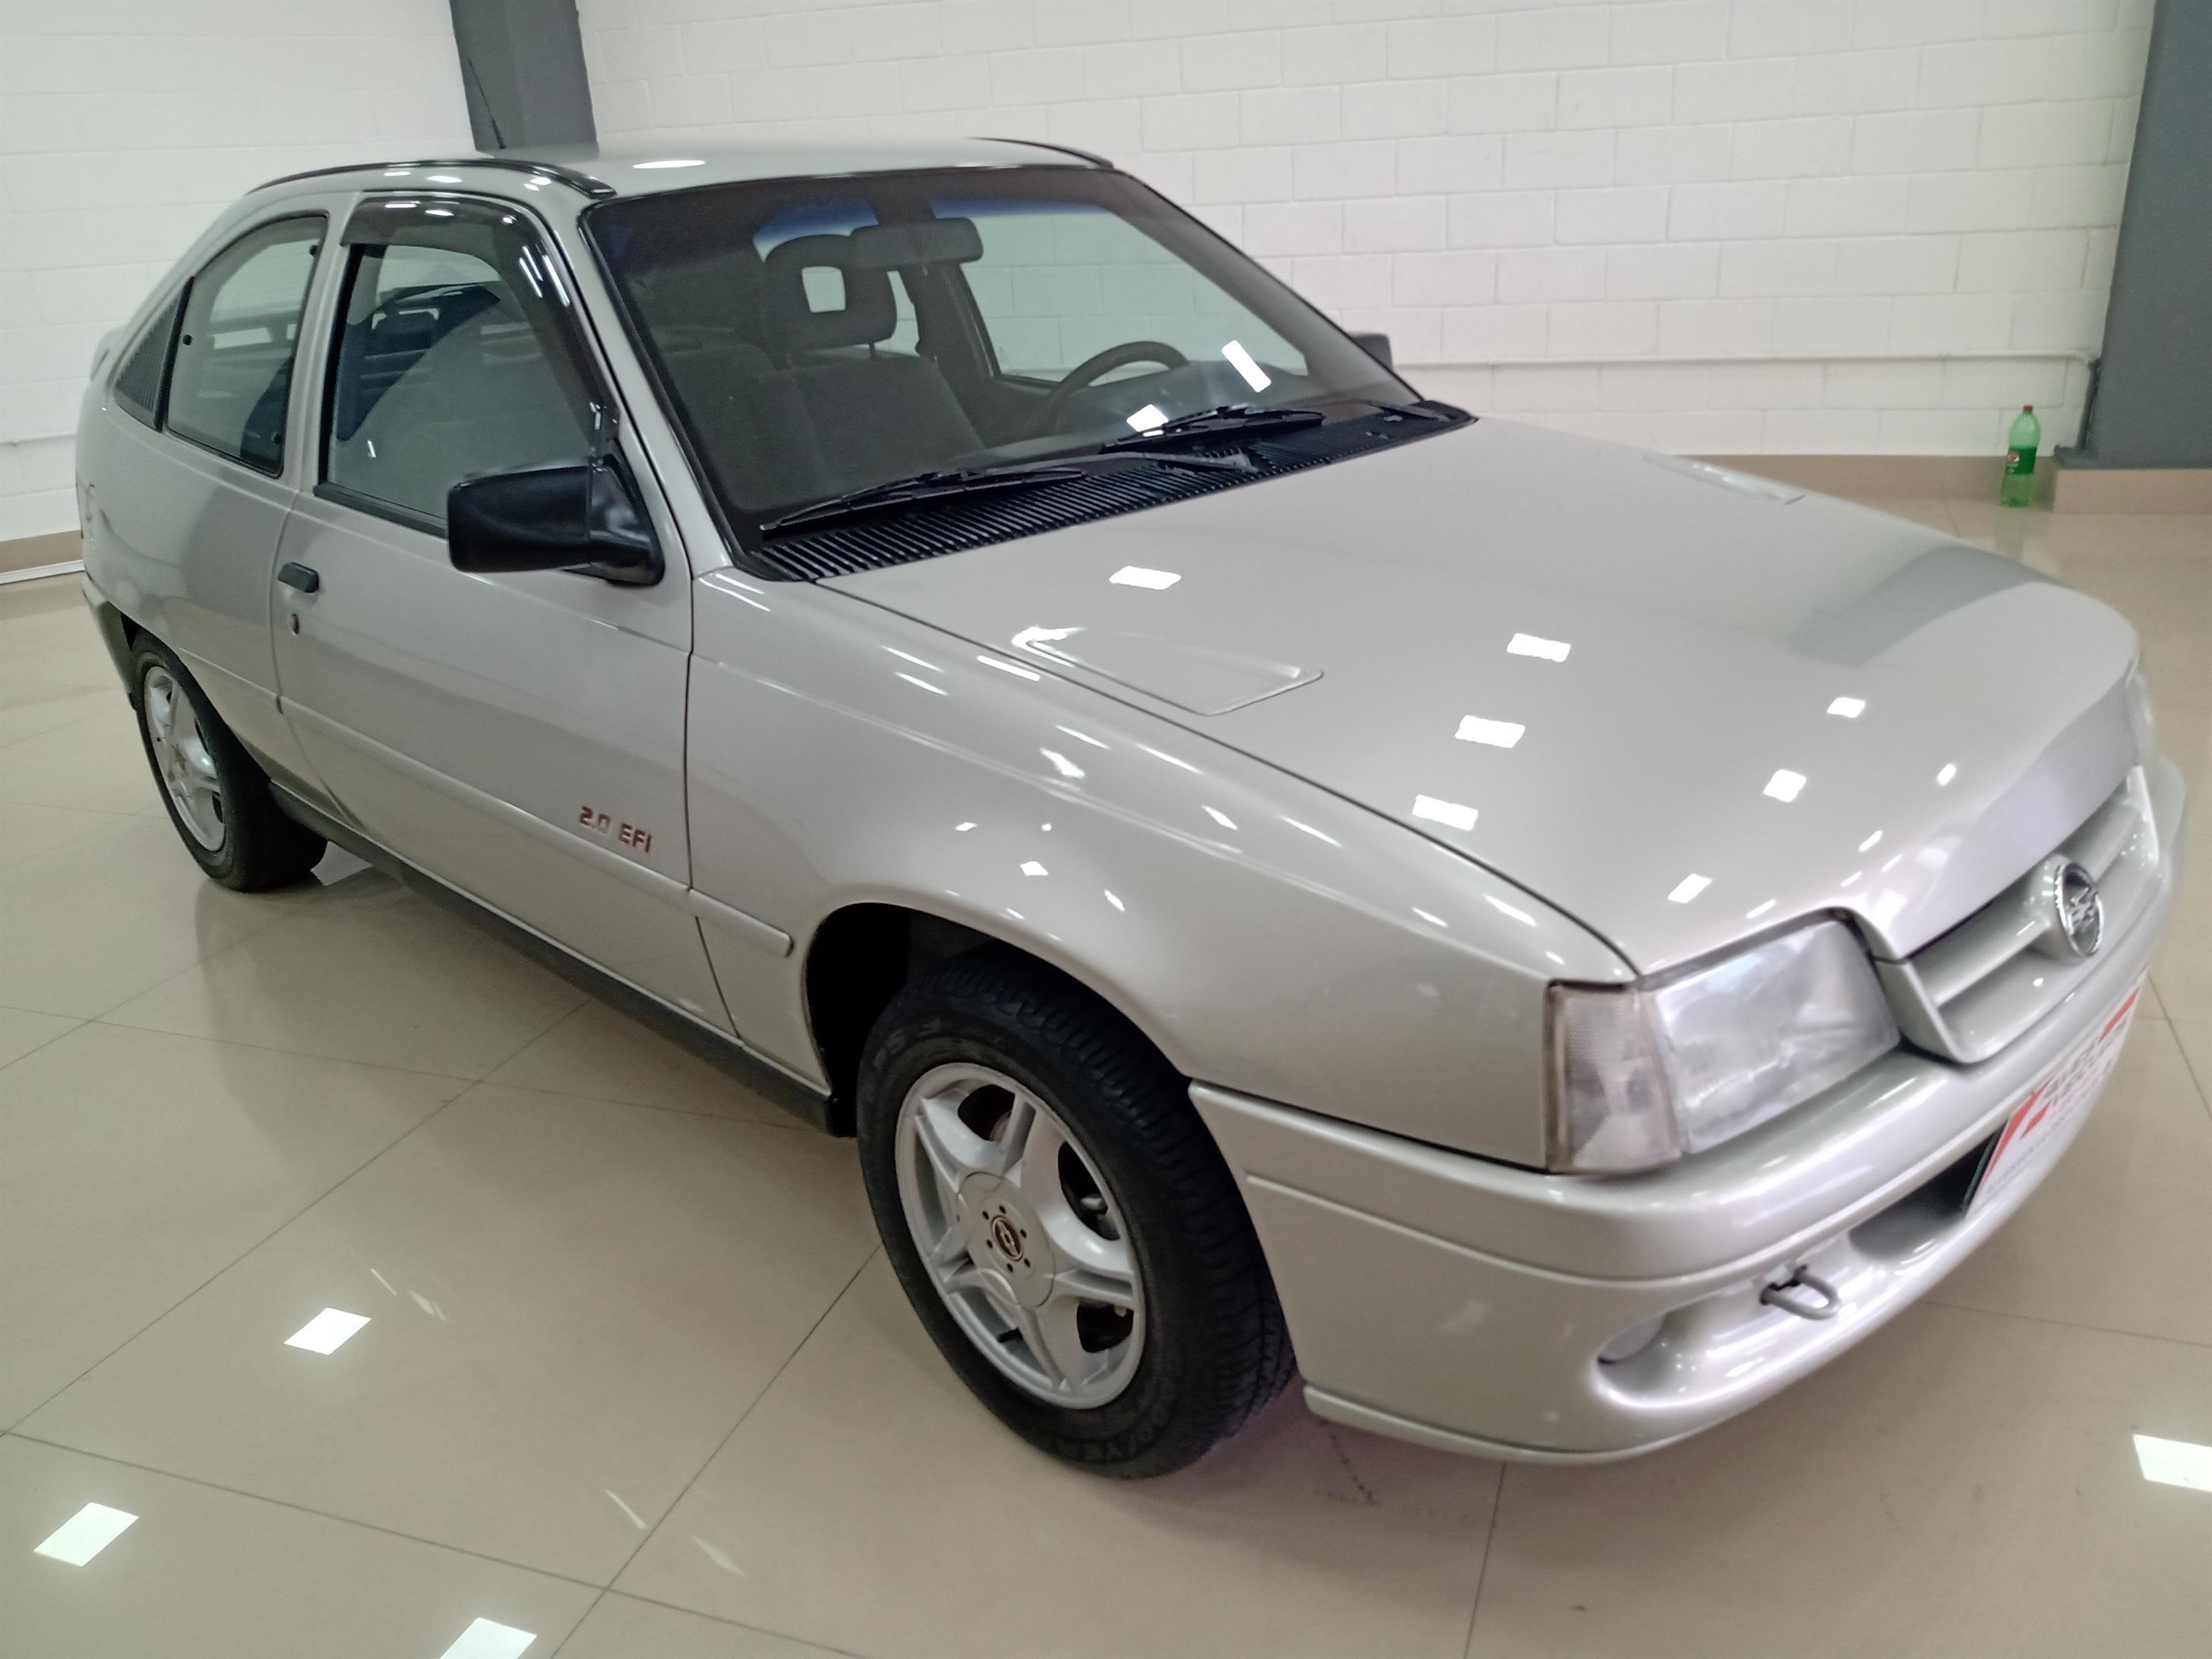 //www.autoline.com.br/carro/chevrolet/kadett-20-sport-8v-alcool-2p-manual/1996/sao-paulo-sp/13754759